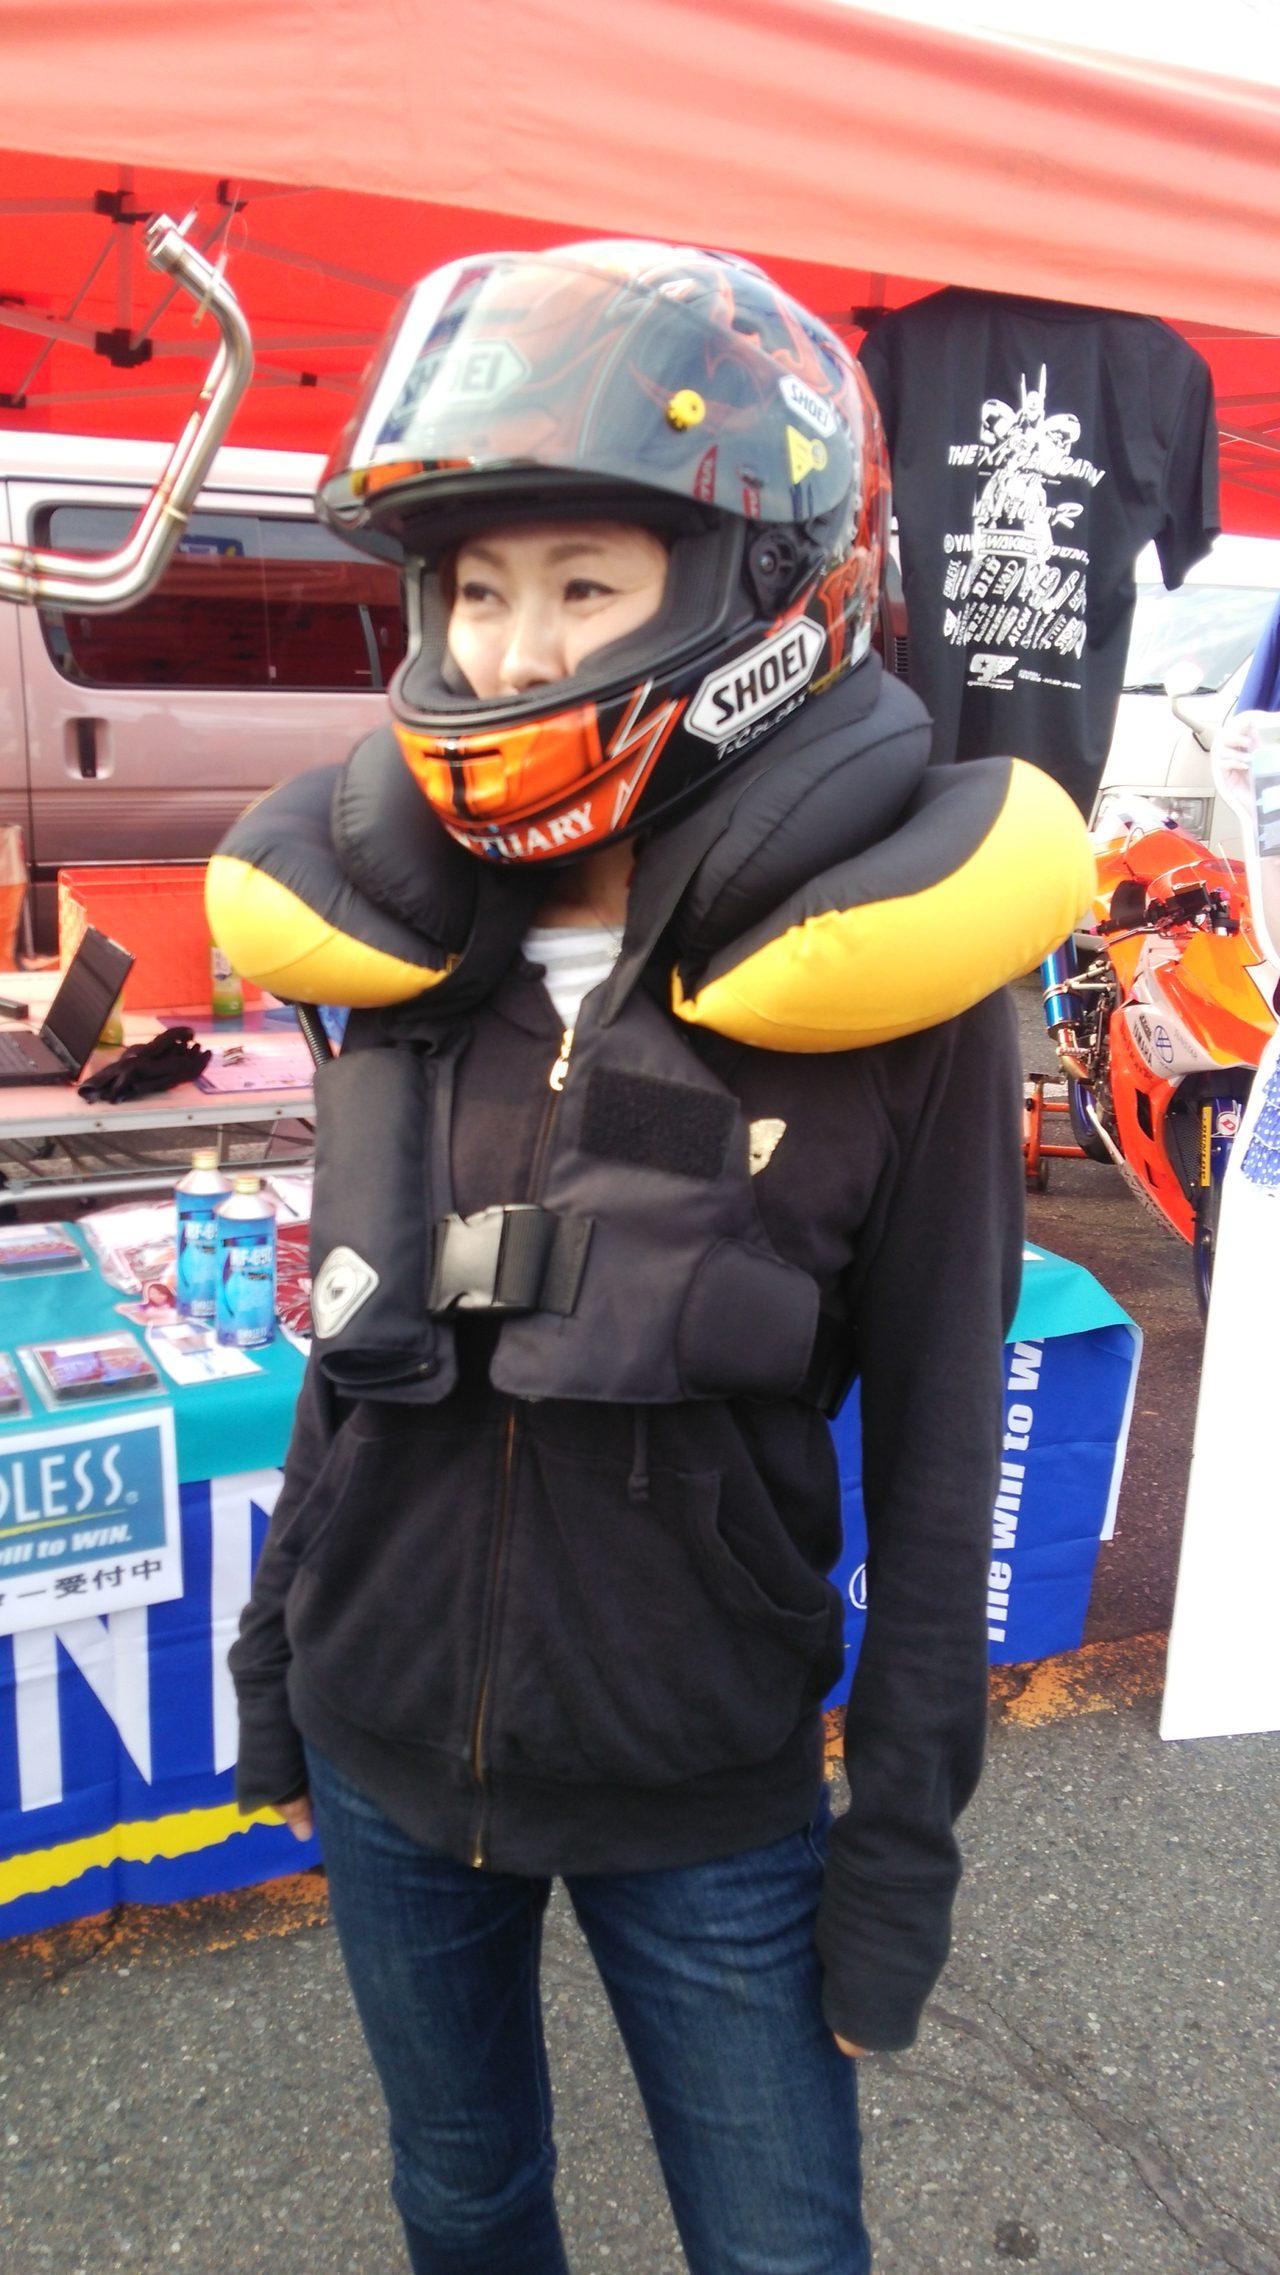 画像4: 事故の衝撃を少しでも減らす為に!!バイク用着るhit-air Neck Airbagを使ってみよう。